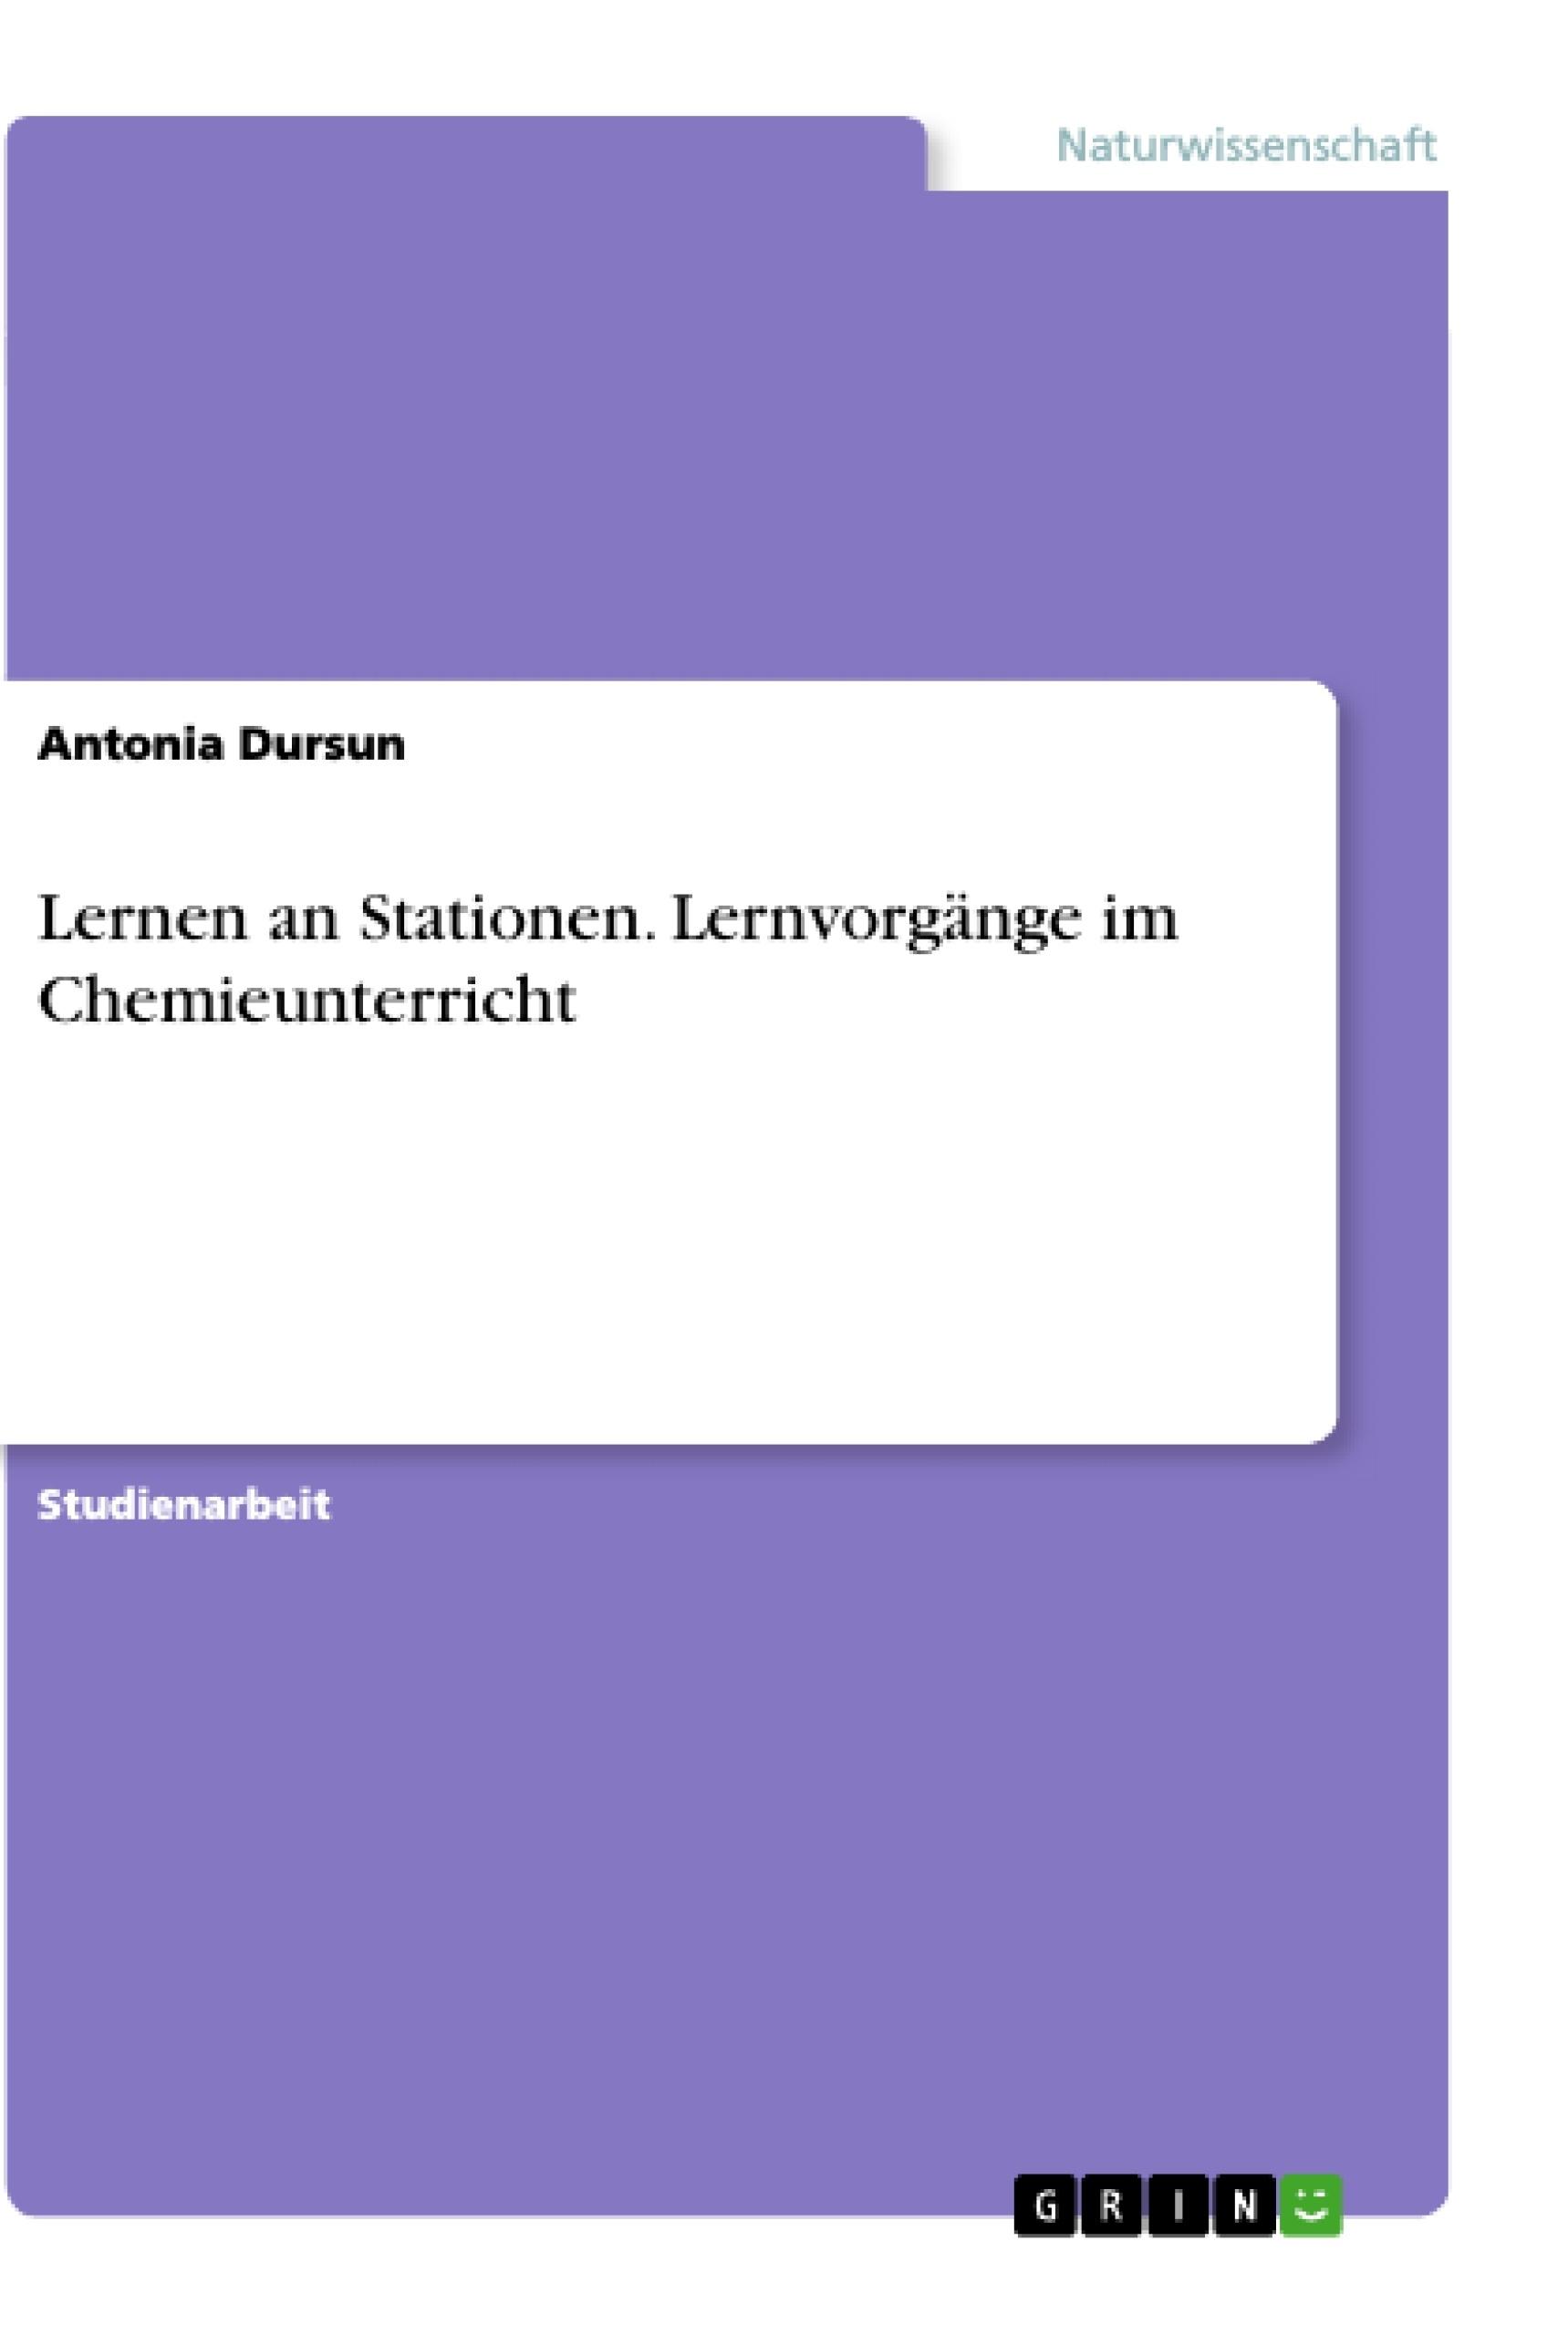 Titel: Lernen an Stationen. Lernvorgänge im Chemieunterricht